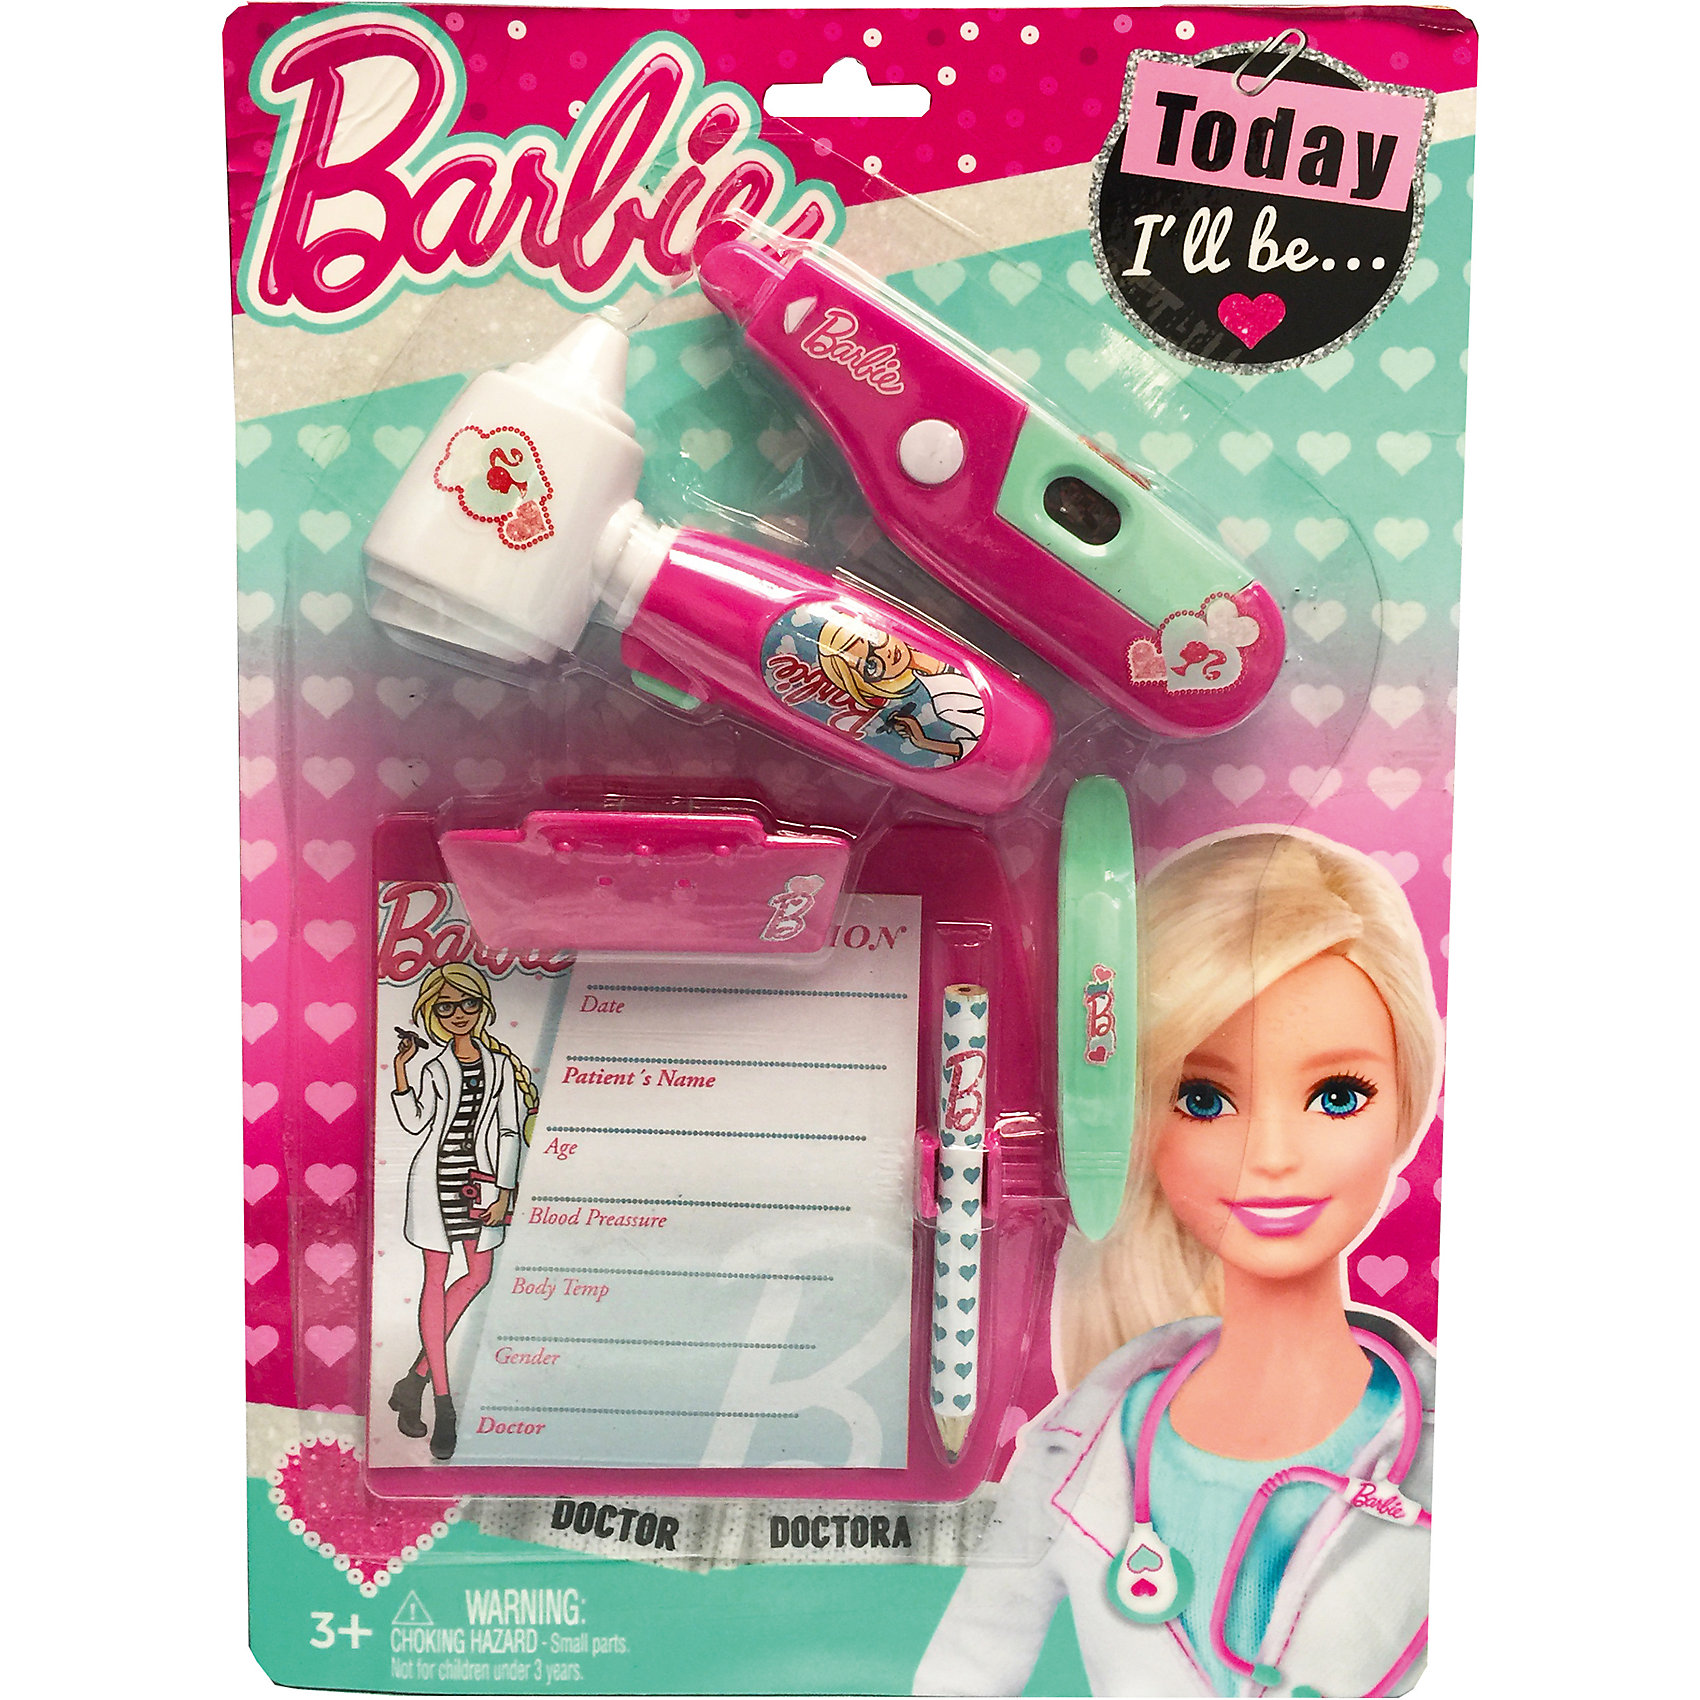 Игровой набор юного доктора на блистере, BarbieПопулярные игрушки<br>Игровой набор юного доктора на блистере, Barbie (Барби).<br><br>Характеристики:<br><br>• Материал: пластик. <br>• Размер упаковки: 30х21х4 см.<br>• Комплектация: градусник – 1 шт. ; отоскоп – 1 шт; планшет для записей с карандашом – 1 шт.; заколочка – 1 шт.<br>• Звуковые, эффекты. <br>• Отличная детализация. <br>• Элемент питания: в градусник - 2 батарейки AG10, (входят в комплект); в отоскоп - 2 батарейки AG10, (входят в комплект).<br>• Яркий привлекательный дизайн.<br><br>С этим ярким набором врача ваша девочка почувствует себя самым настоящим доктором. Все аксессуары отлично детализированы и хорошо проработаны, очень похожи на медицинские инструменты. Игрушки изготовлены из экологичного пластика, в производстве которого использованы только безопасные нетоксичные красители.<br><br>Игровой набор юного доктора на блистере, Barbie (Барби), можно купить в нашем интернет-магазине.<br><br>Ширина мм: 210<br>Глубина мм: 300<br>Высота мм: 450<br>Вес г: 163<br>Возраст от месяцев: 36<br>Возраст до месяцев: 2147483647<br>Пол: Женский<br>Возраст: Детский<br>SKU: 5238930